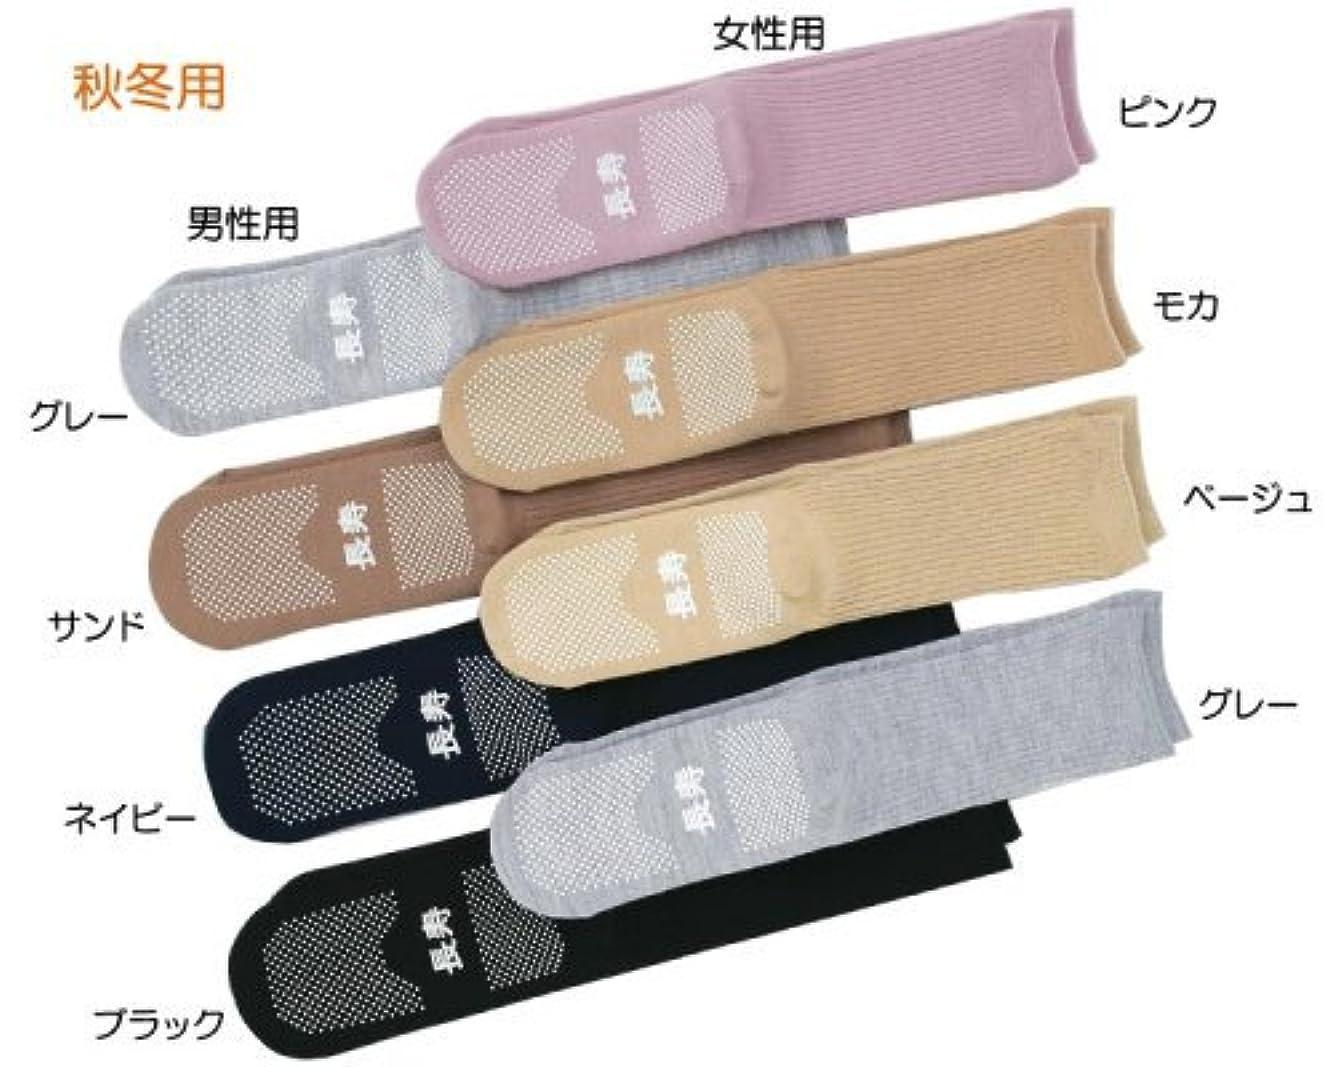 サポートトリクル提供された神戸生絲 すべり止め靴下( 長寿